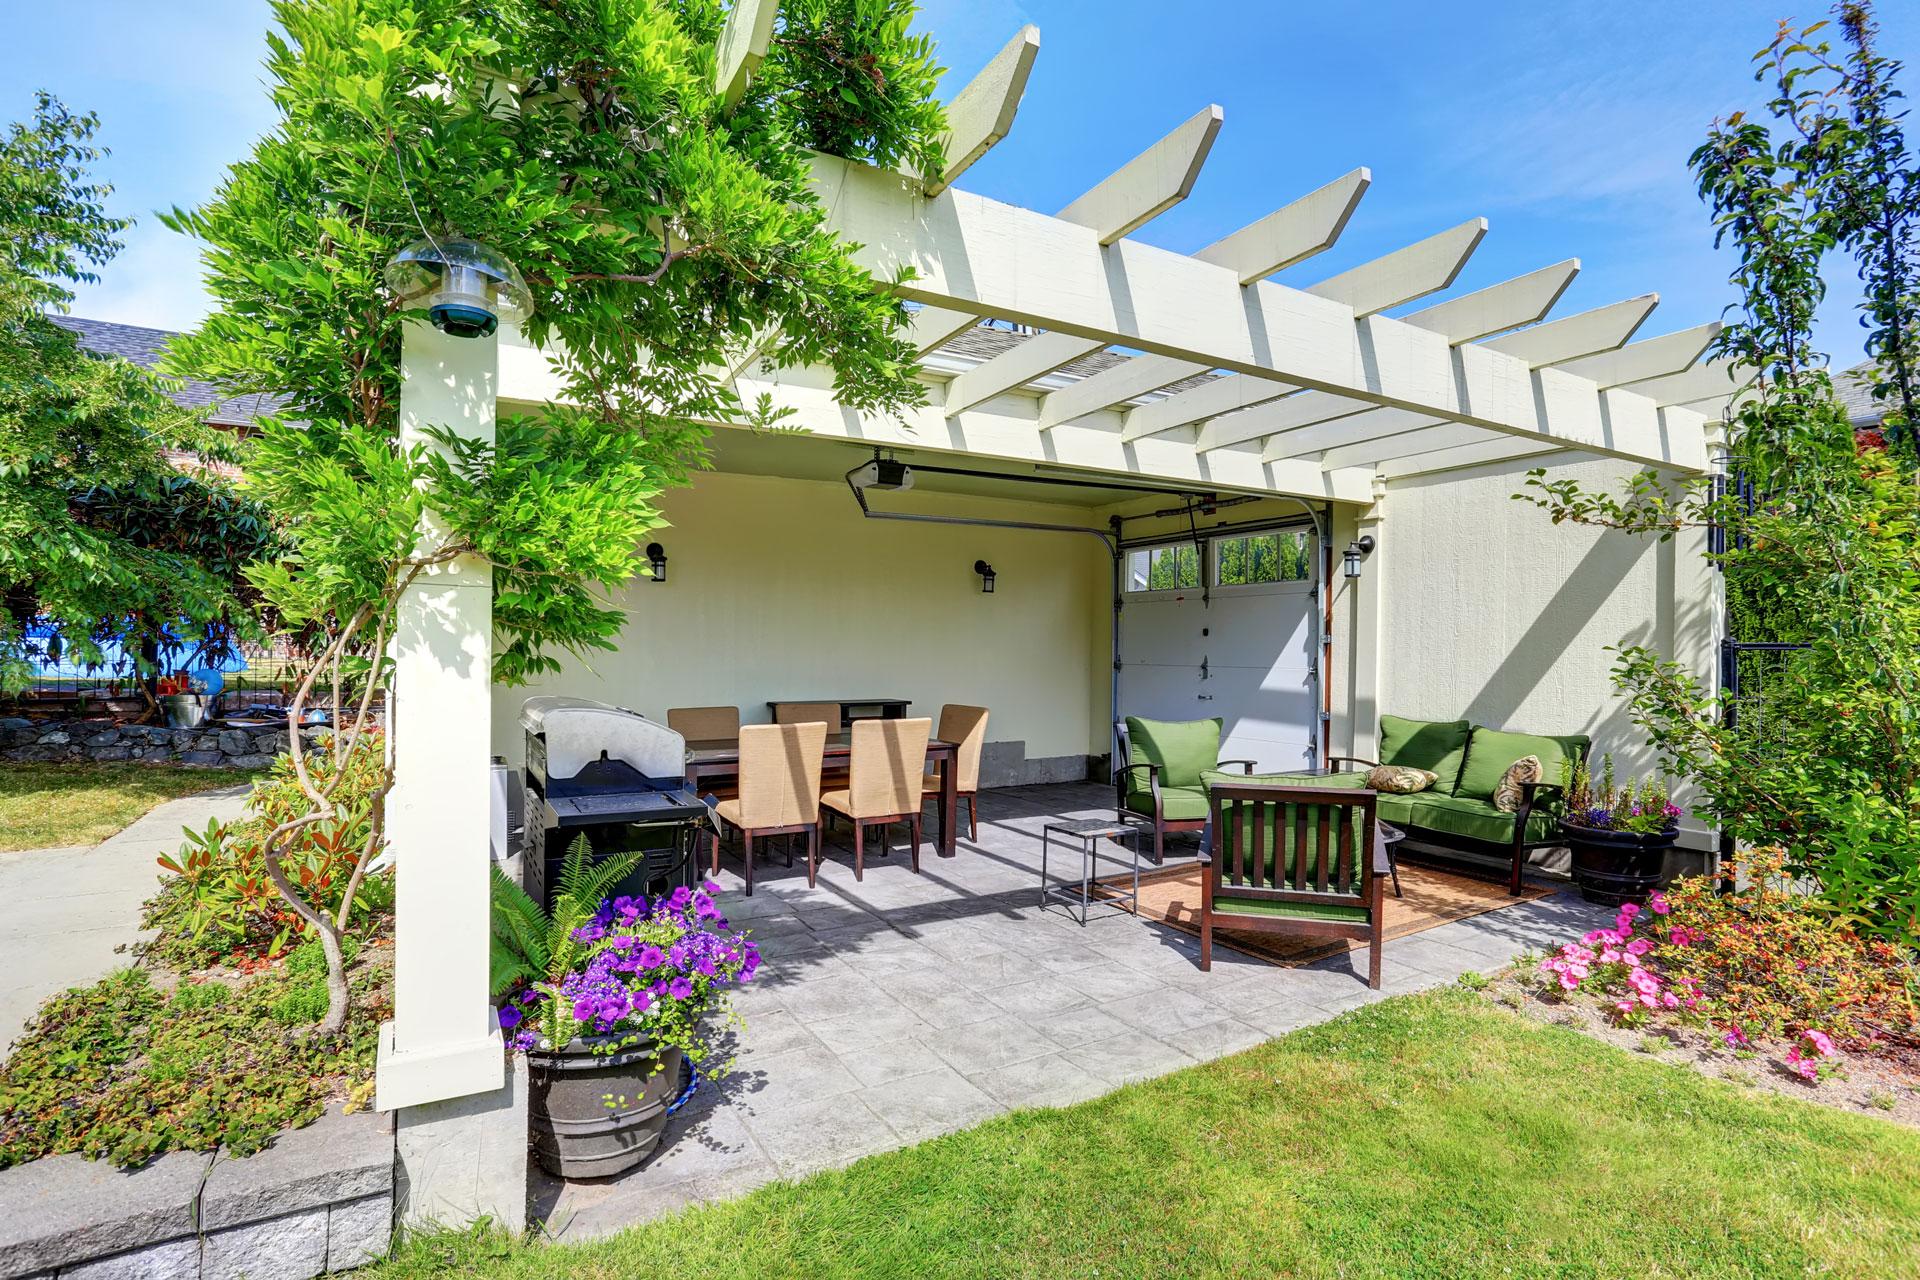 Outdoor Living Contractors Delafield WI